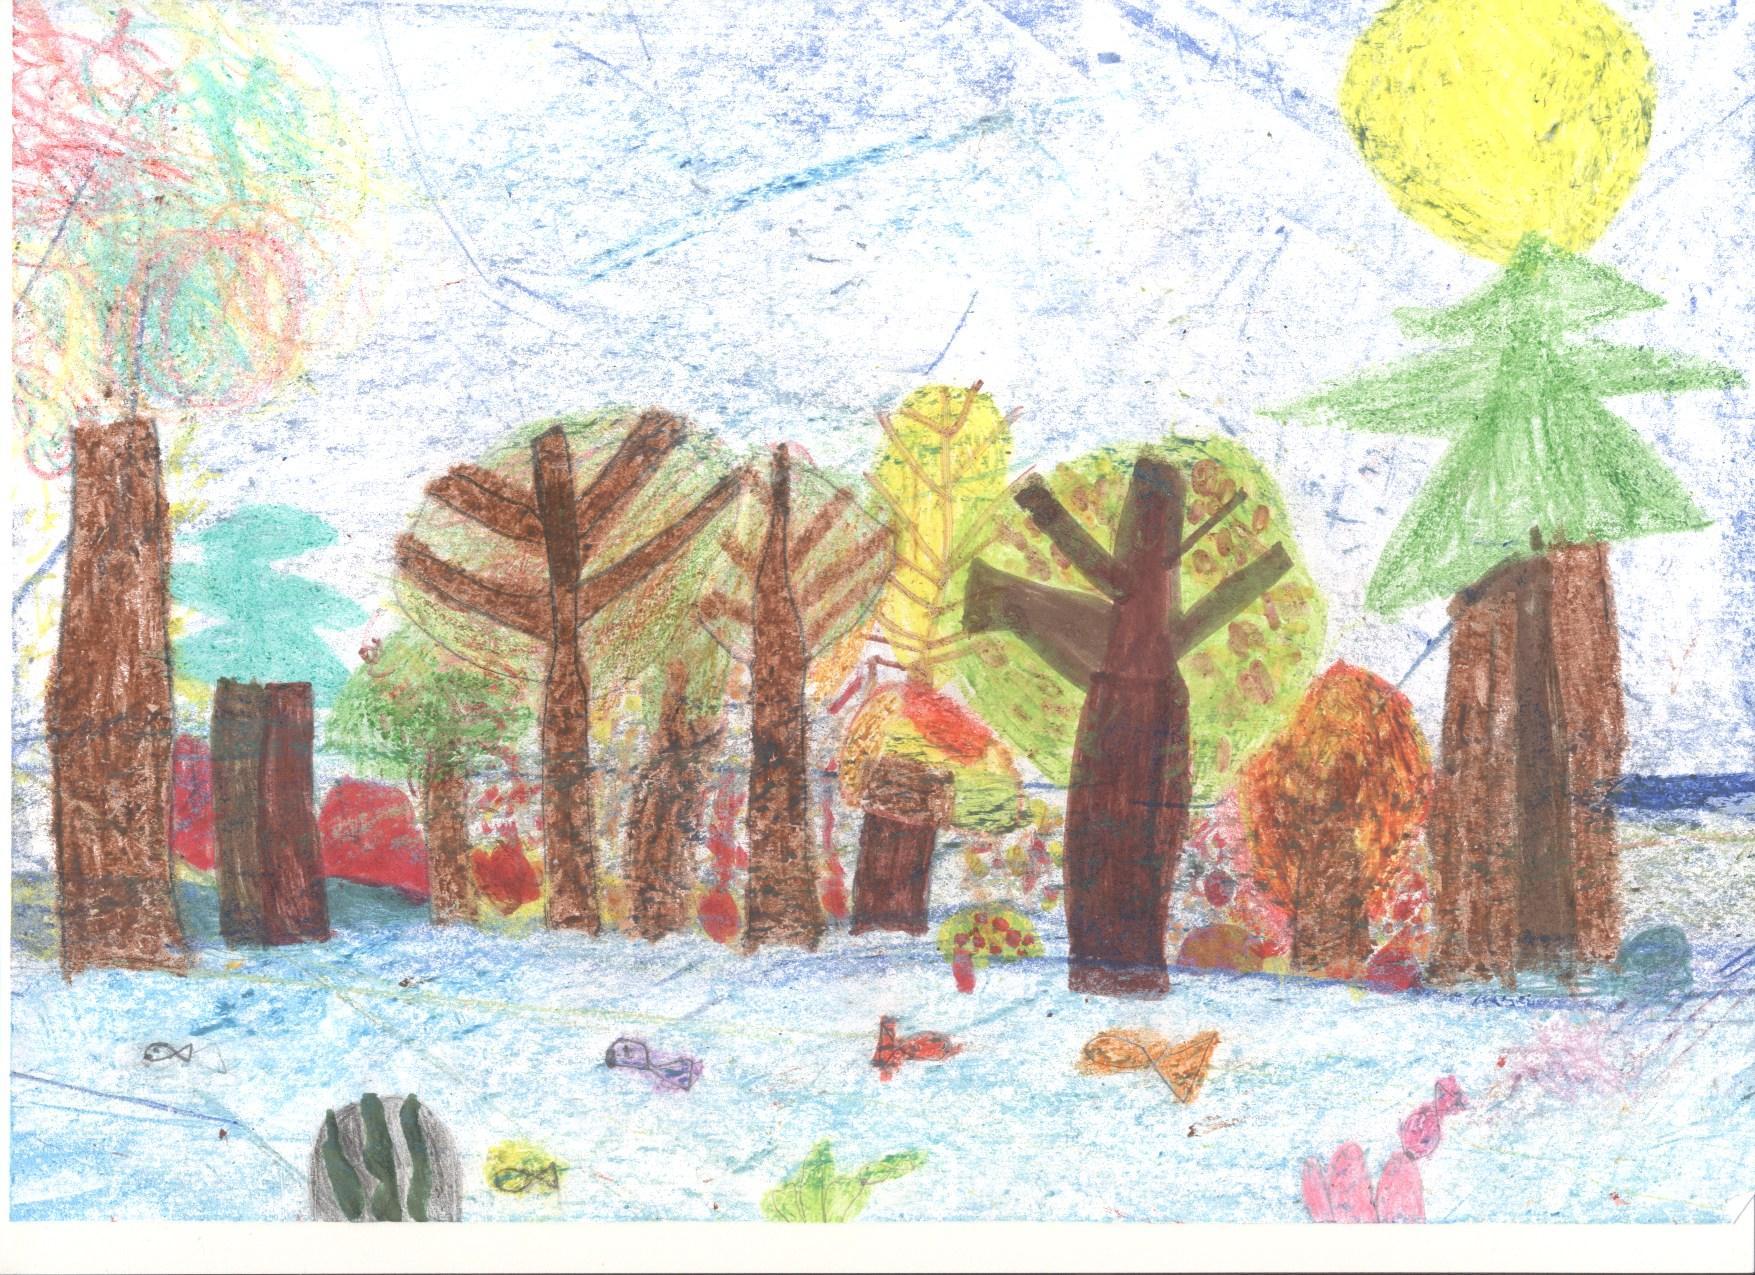 Ősszel az erdő Debreceni Vörösmarty Mihály Általános Iskola